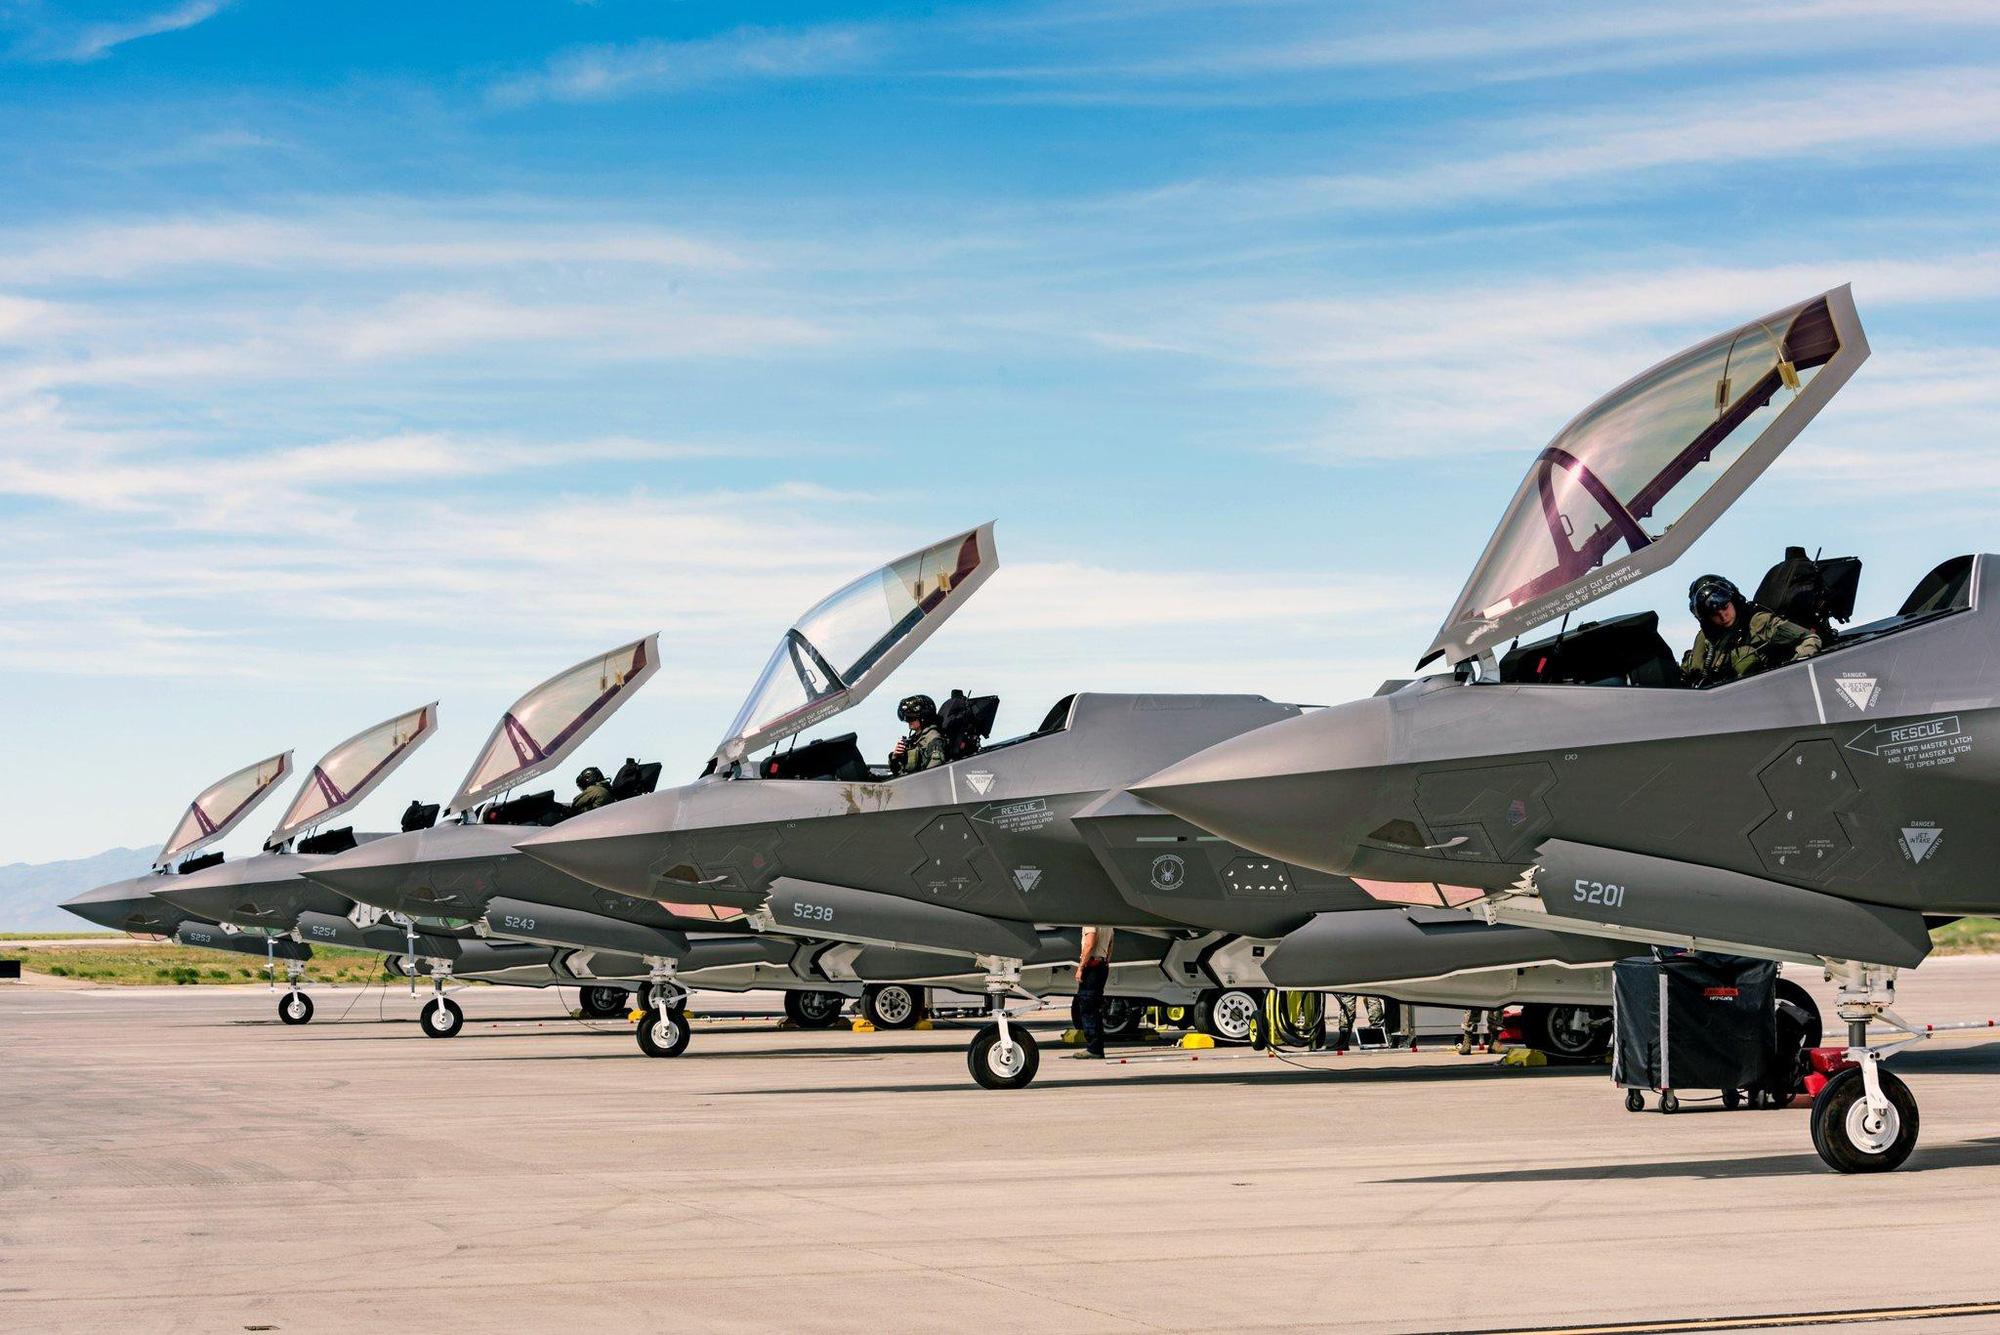 Vì sao Mỹ vẫn phải mua thêm chiến đấu cơ thế hệ 4, 5 khi đã có F-22 và F-35? - Ảnh 8.